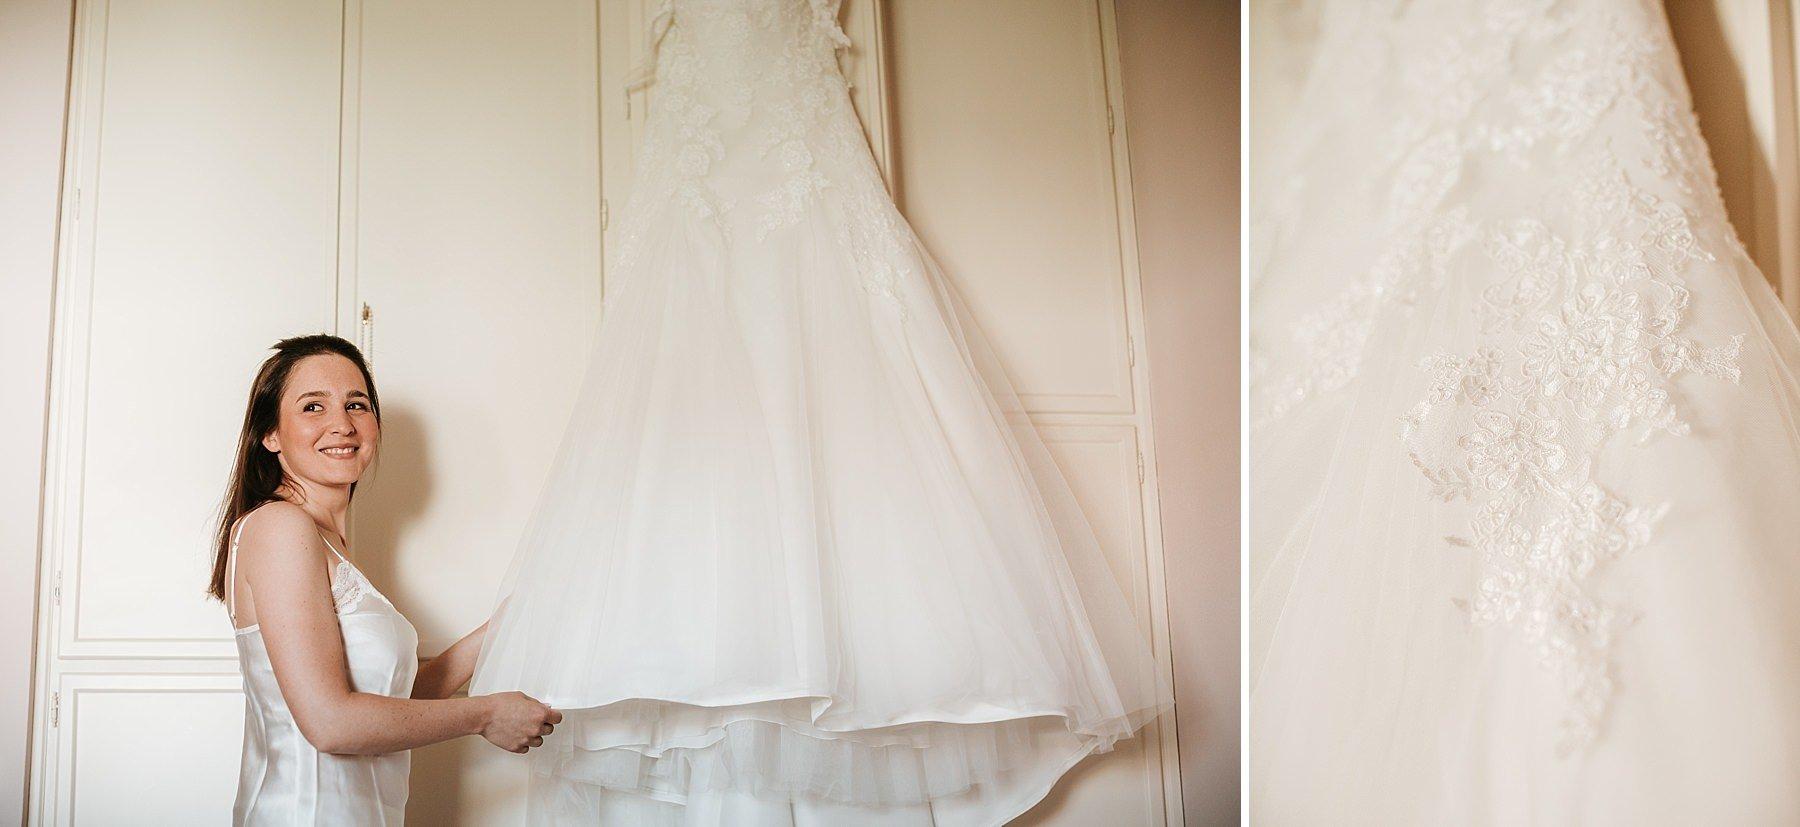 Vestito da Sposa appeso durante i preparativi